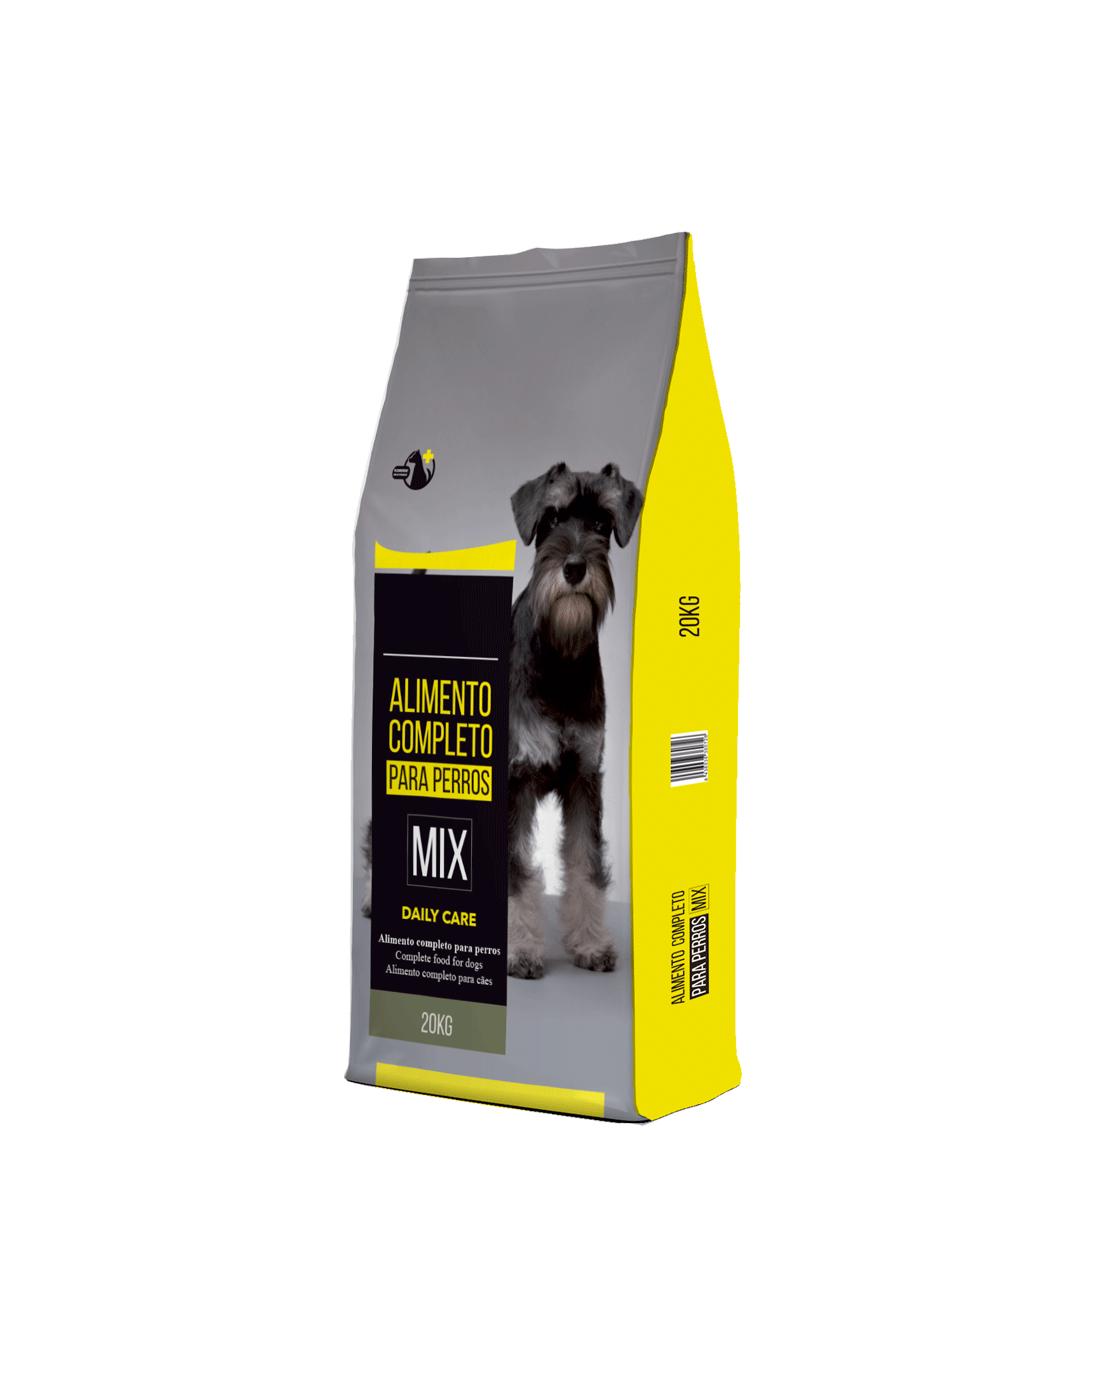 Alimento Completo Para Perros